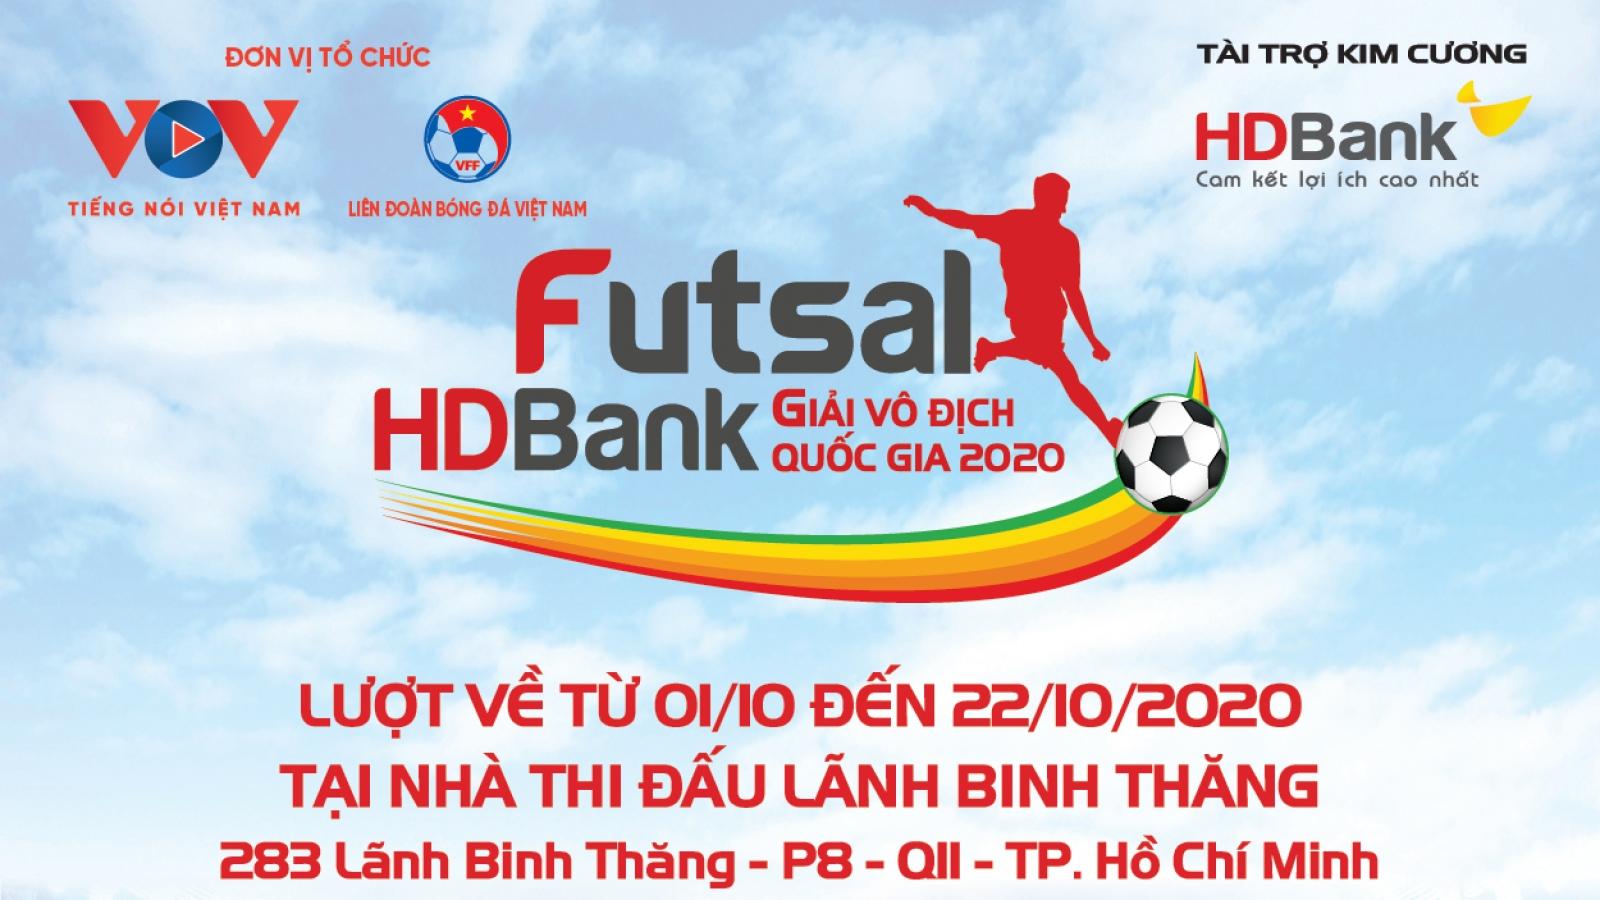 Lịch thi đấu lượt về giải Futsal HDBank VĐQG 2020